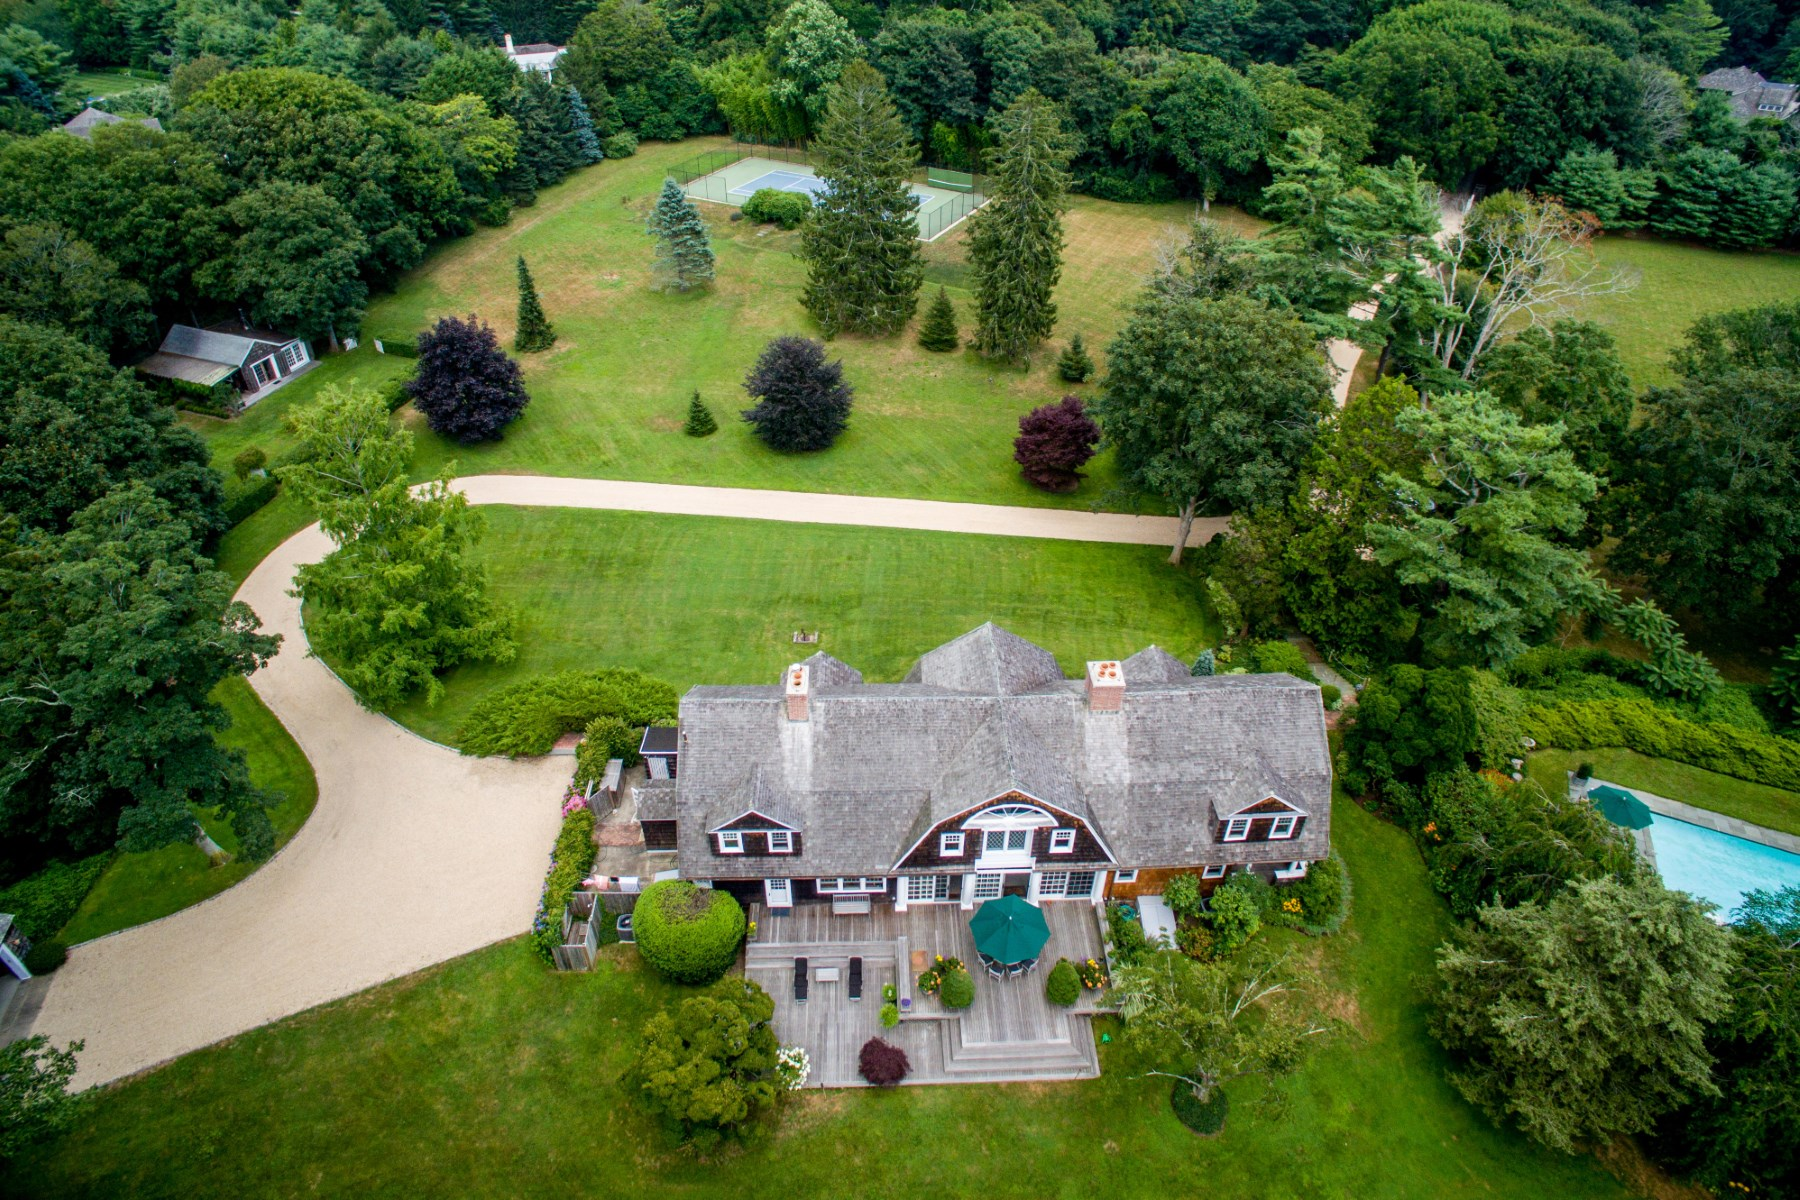 一戸建て のために 売買 アット Magnificent Pastoral Compound East Hampton, ニューヨーク 11937 アメリカ合衆国